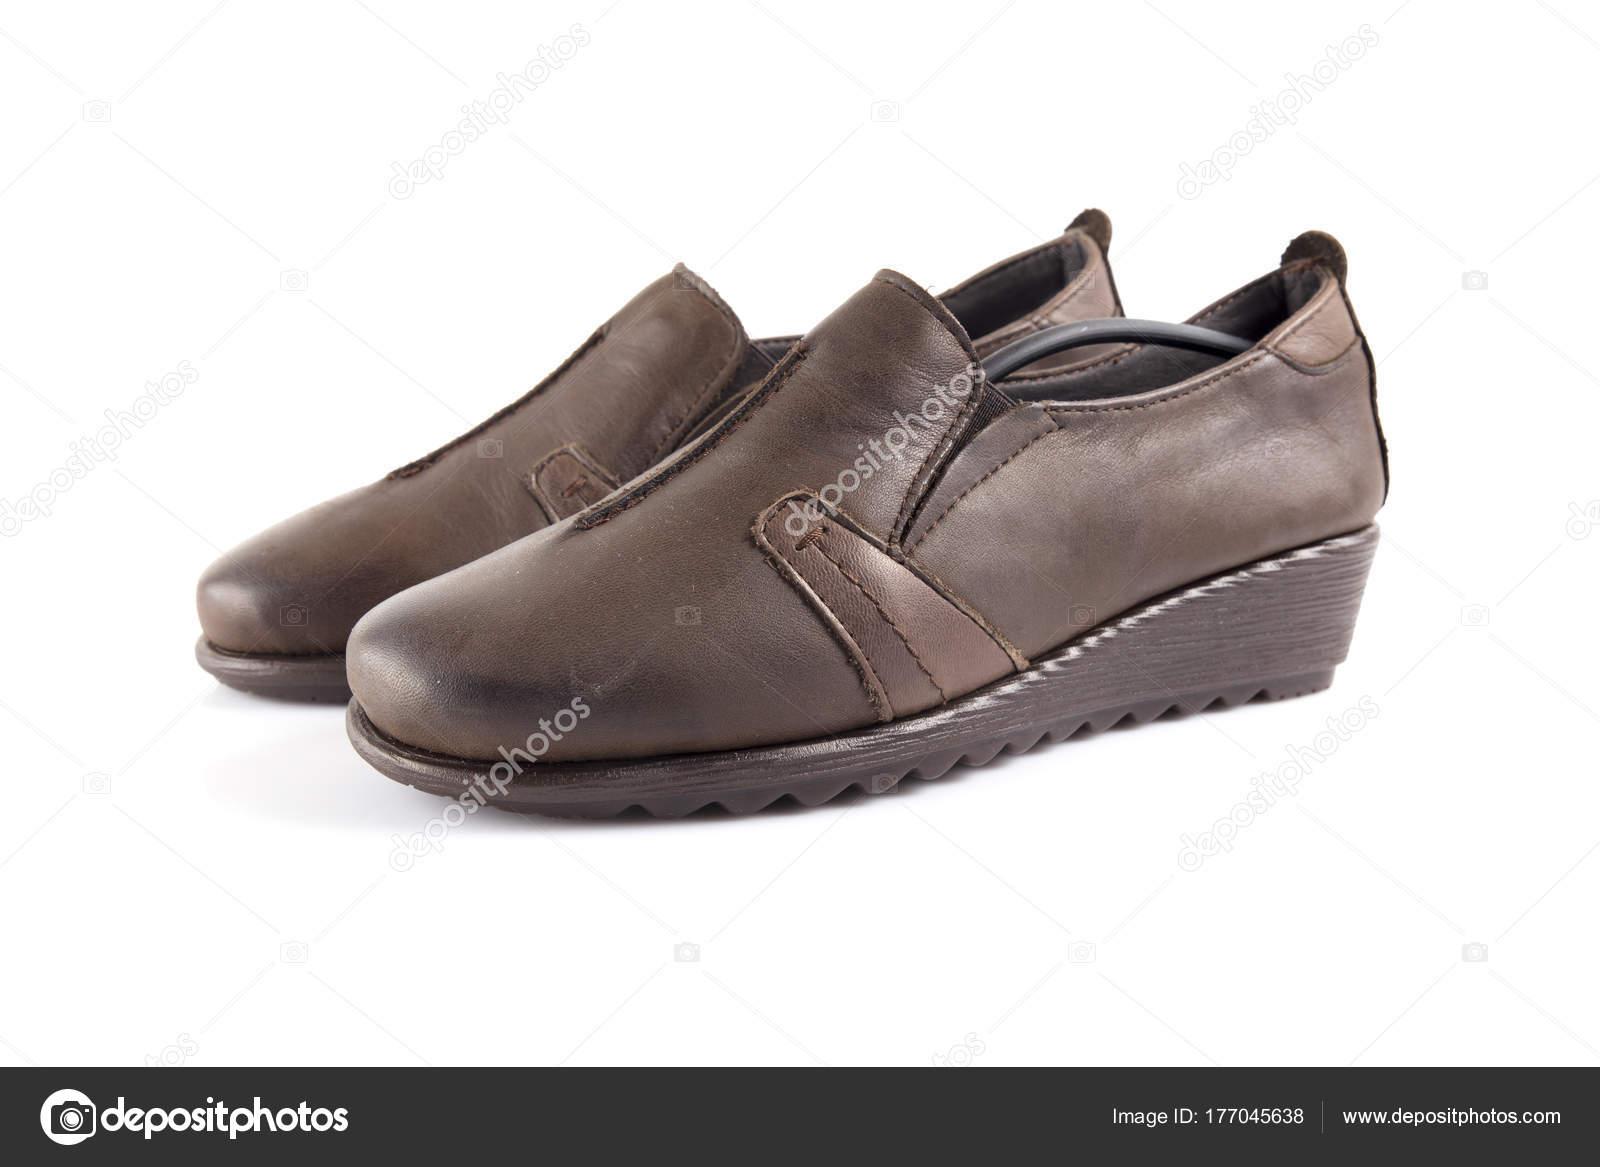 e8fb16d4c9 Sapato Feminino Couro Marrom Fundo Branco Produto Isolado Calçado  Confortável — Fotografia de Stock